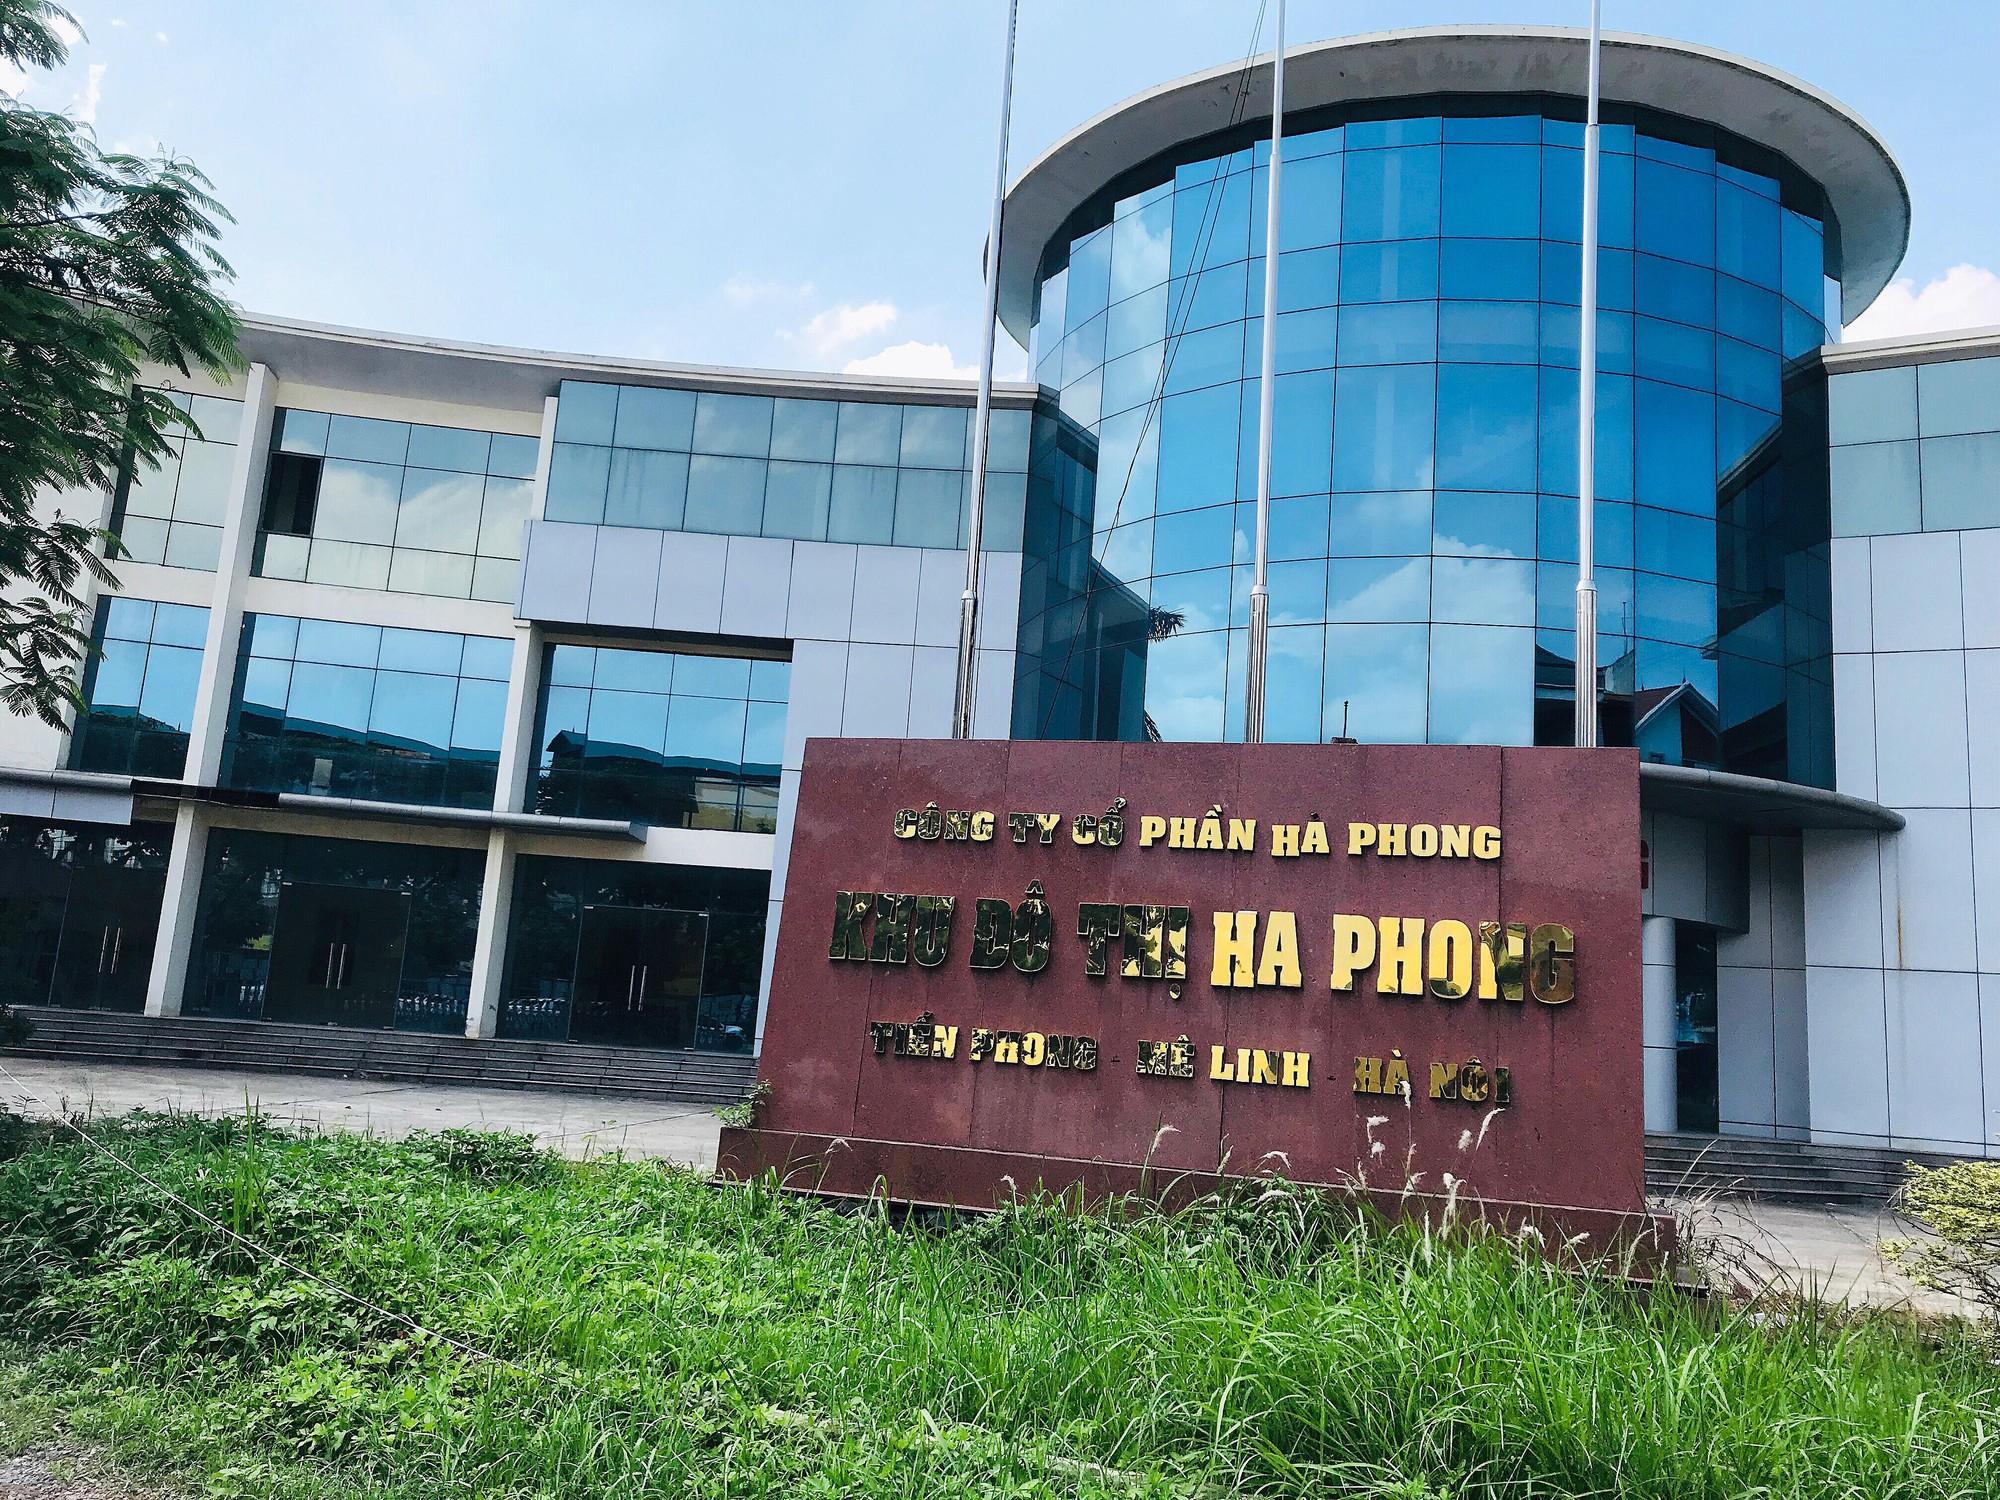 Dự án 900 tỉ đồng tại Mê Linh trở thành nơi chăn nuôi dê - Ảnh 14.